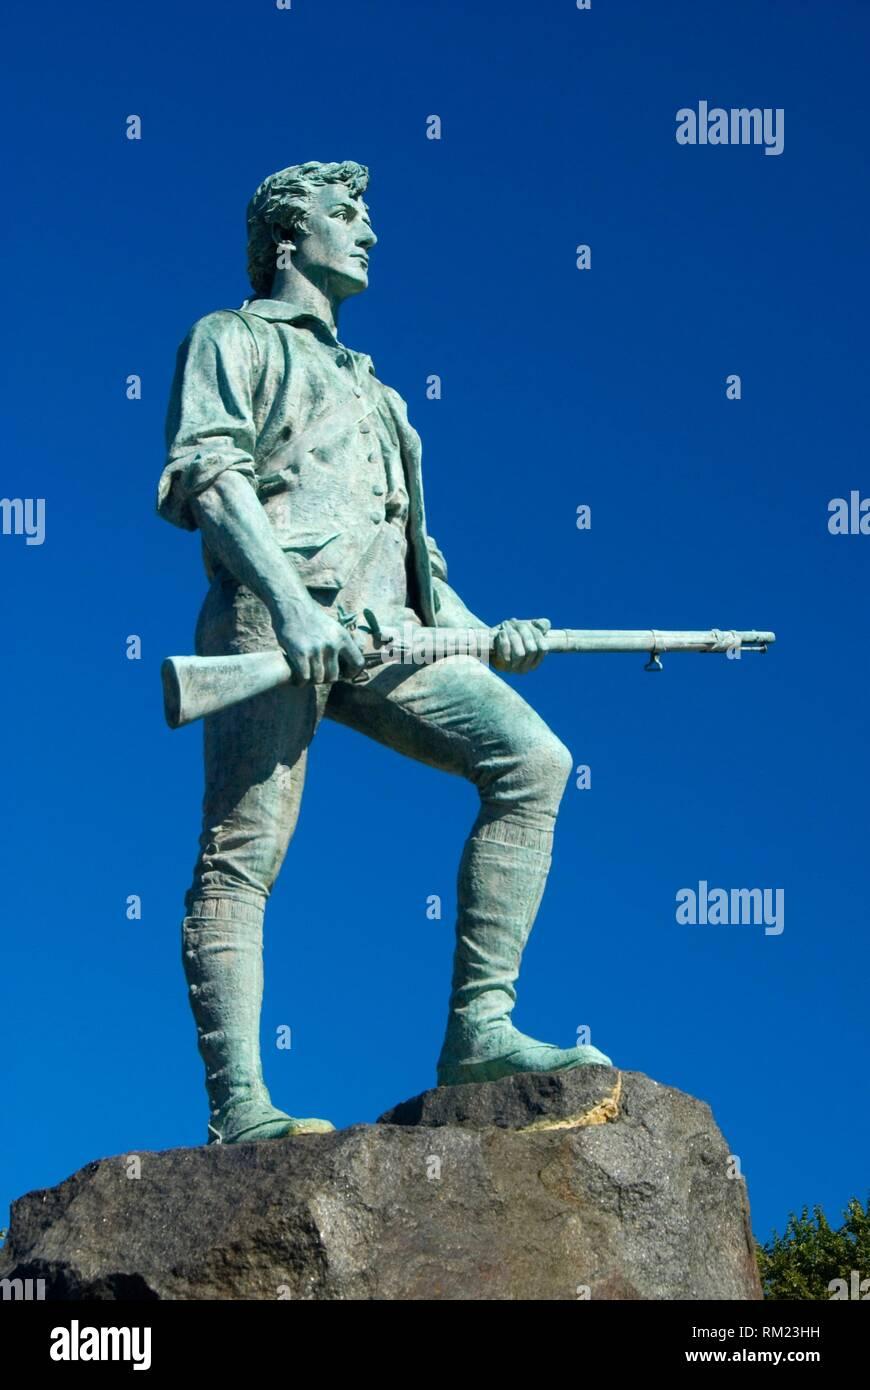 El capitán Parker estatua, Lexington Green, en Lexington, Massachusetts. Foto de stock